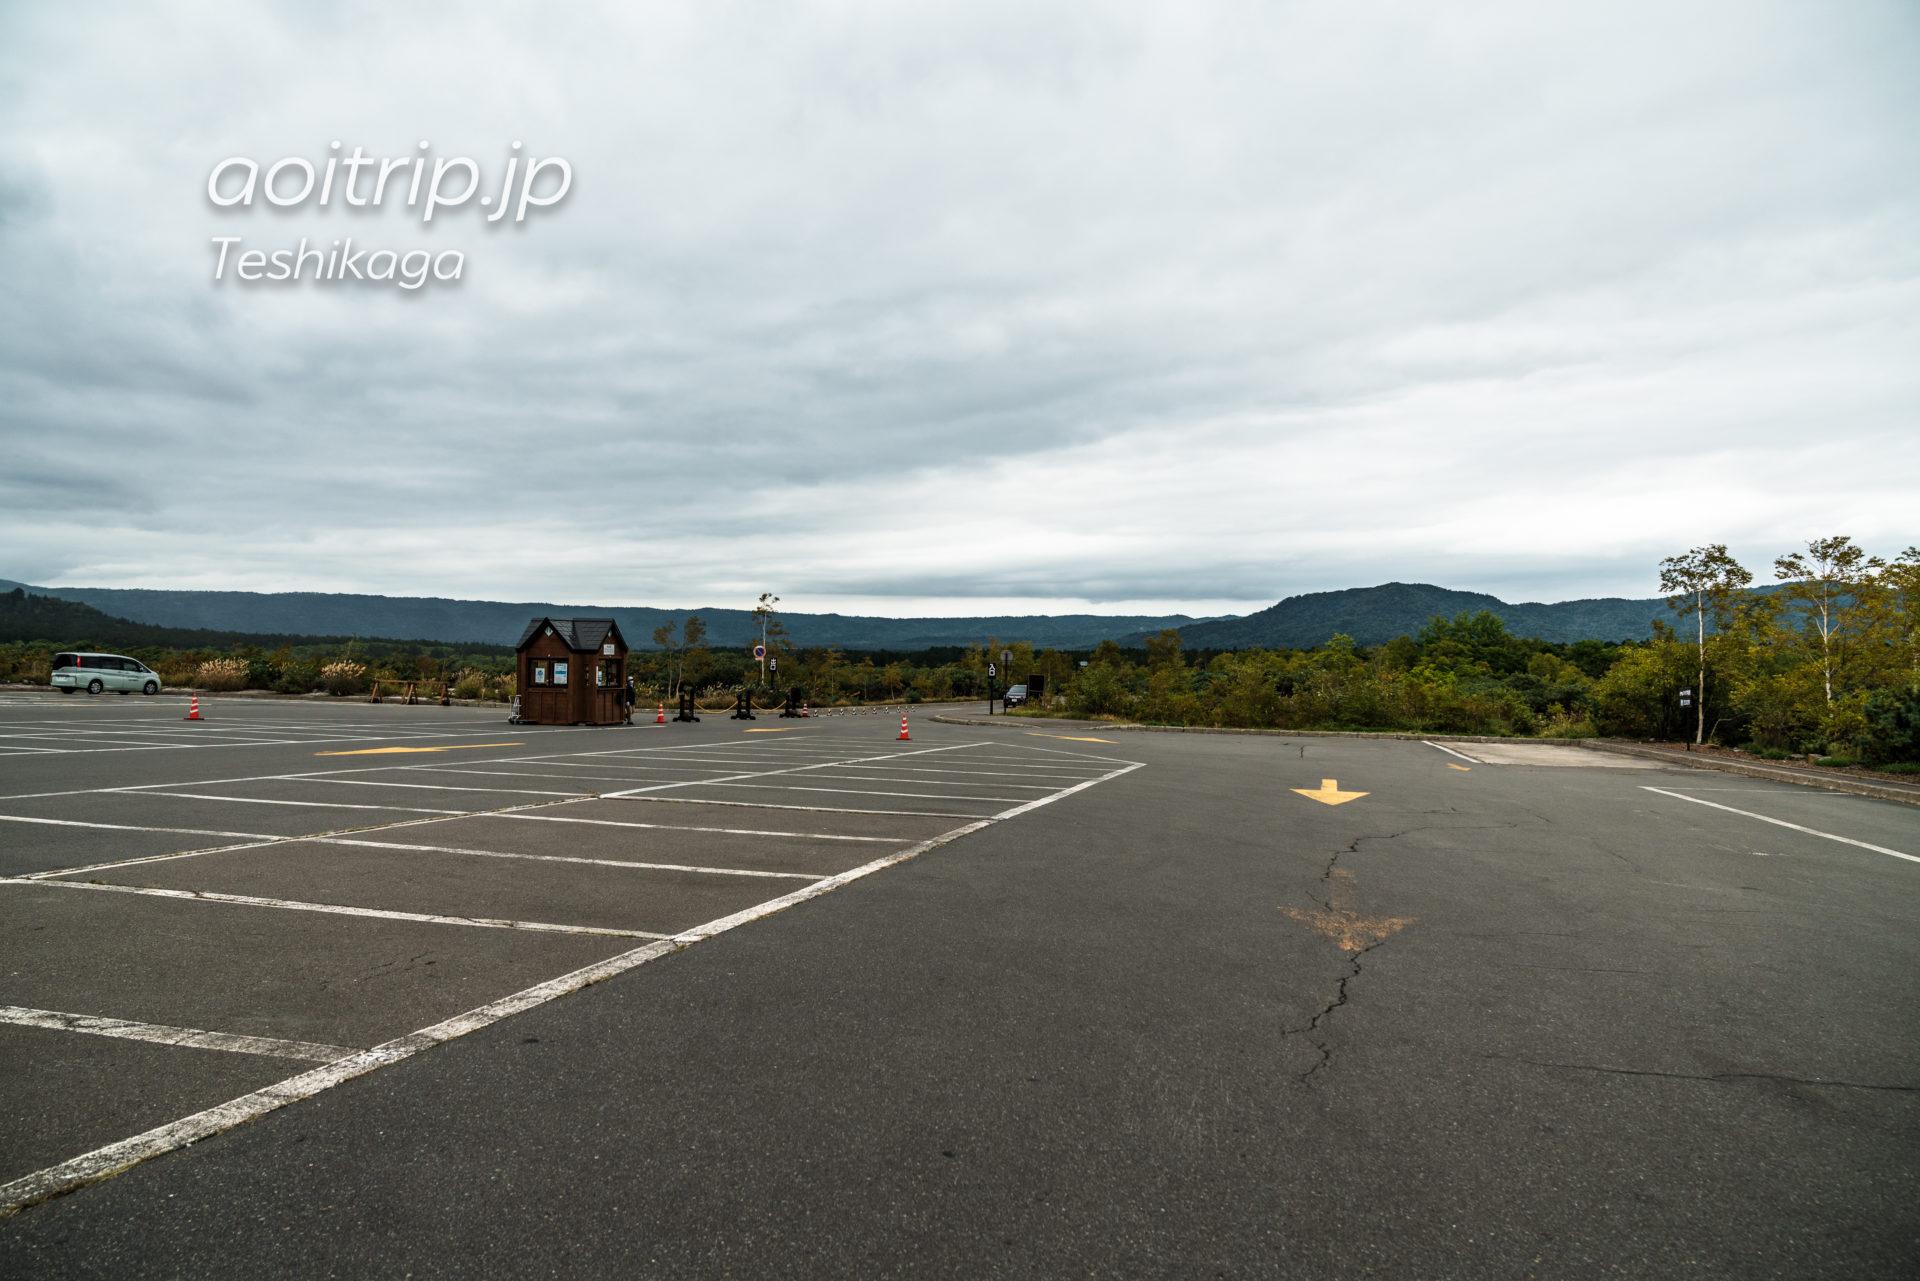 硫黄山レストハウスの駐車場